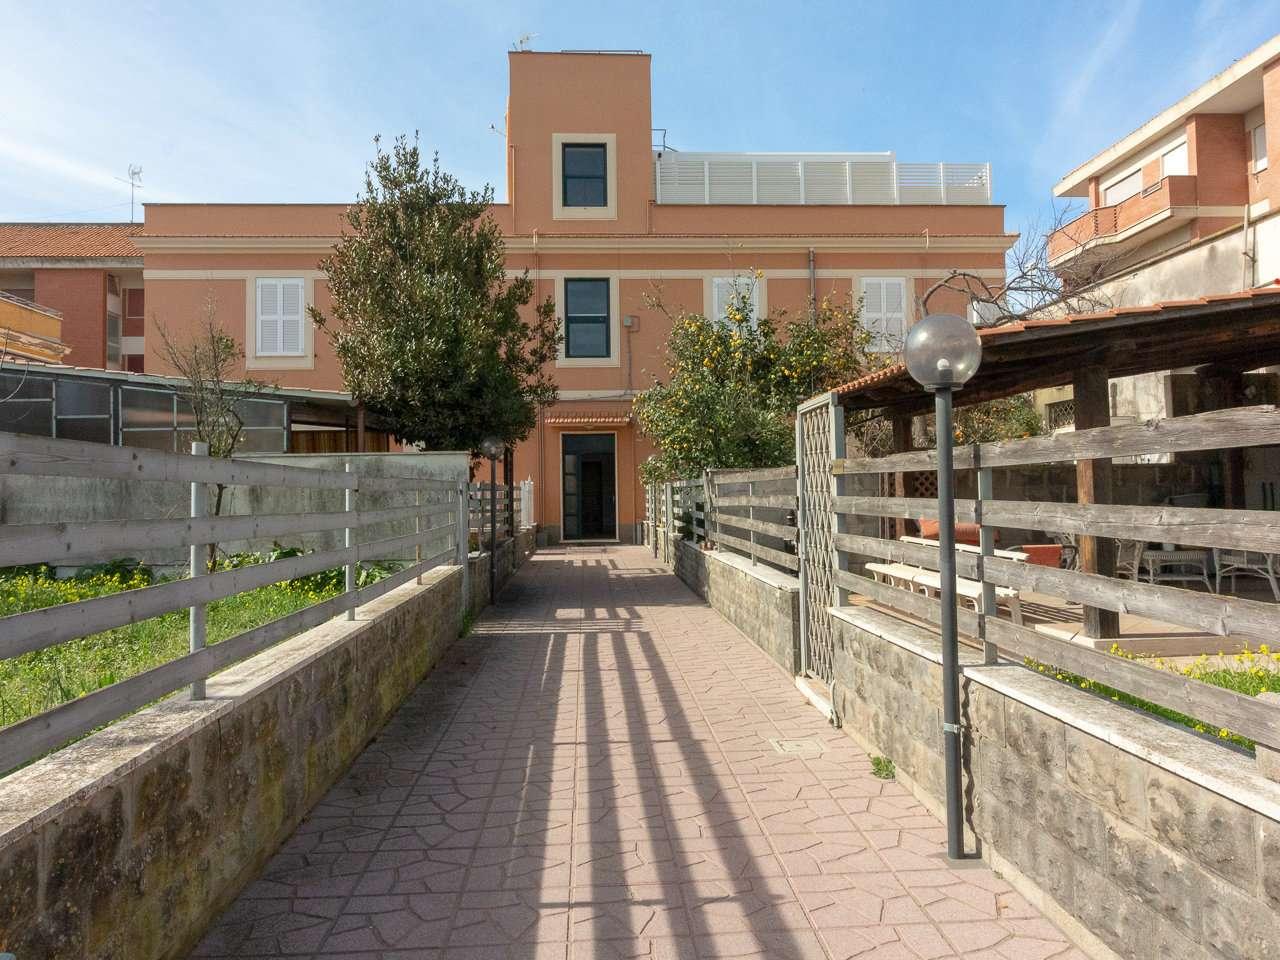 Appartamento in vendita a Anzio, 3 locali, prezzo € 265.000 | PortaleAgenzieImmobiliari.it